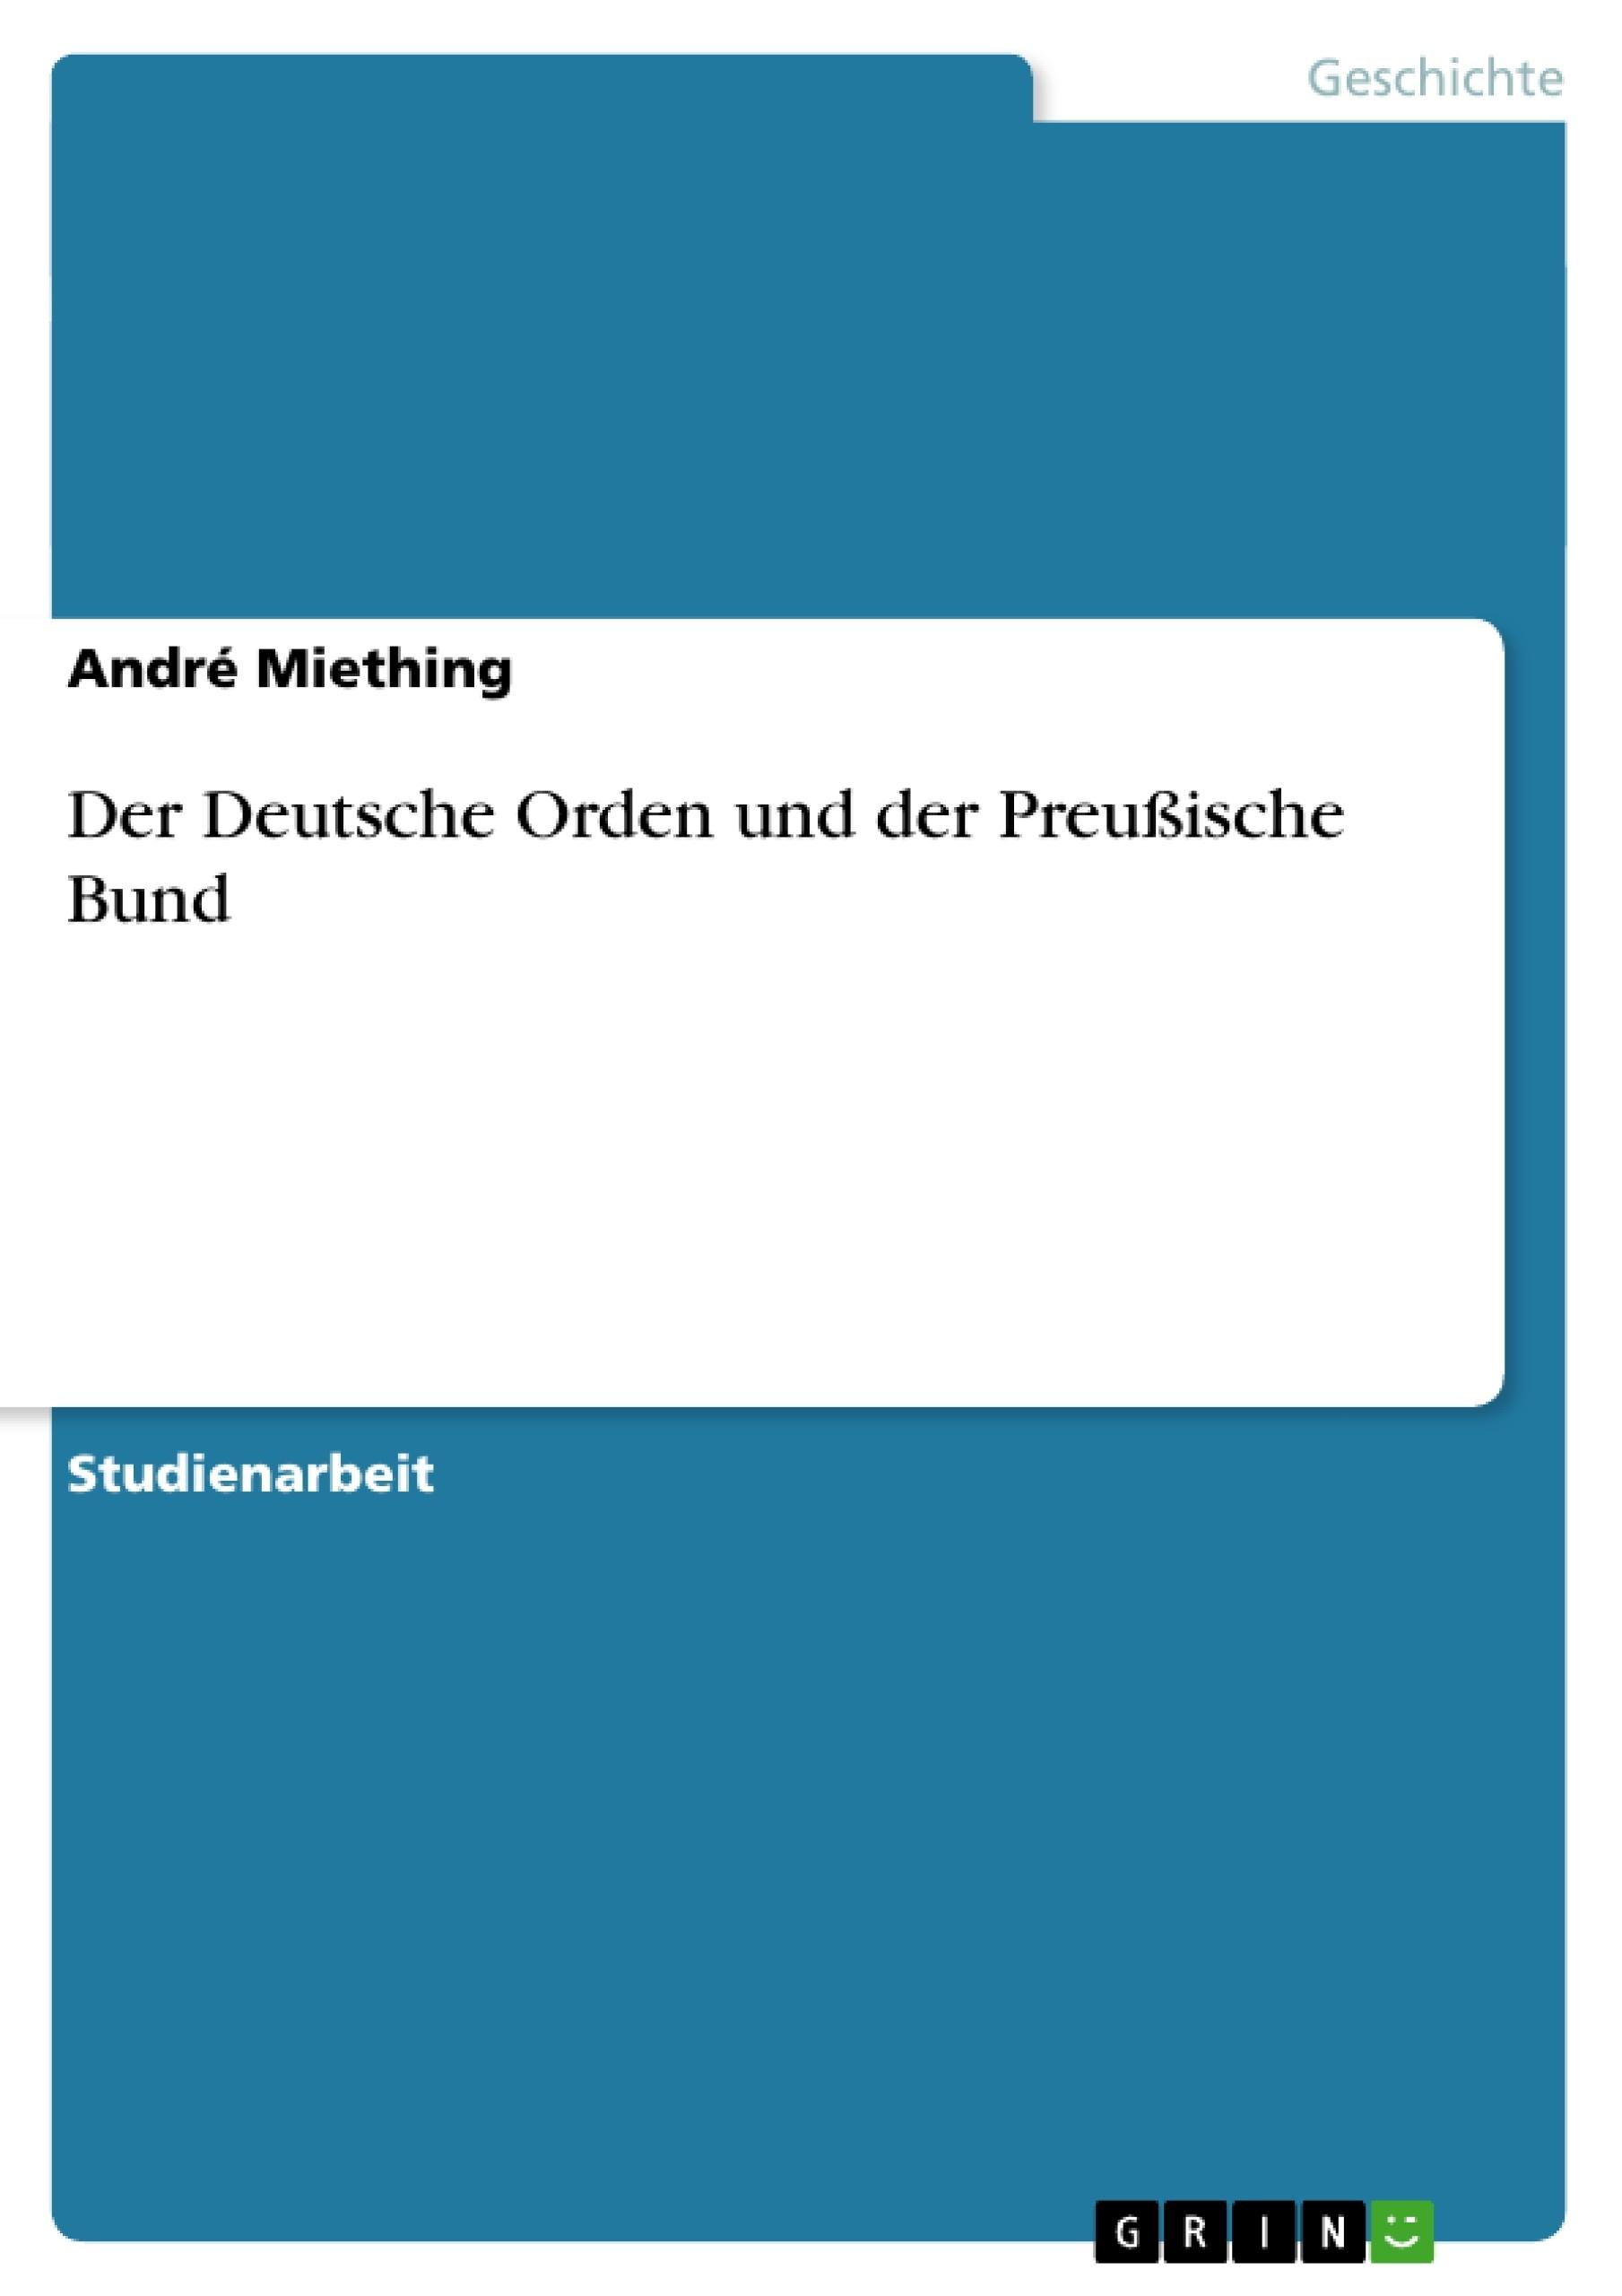 Titel: Der Deutsche Orden und der Preußische Bund